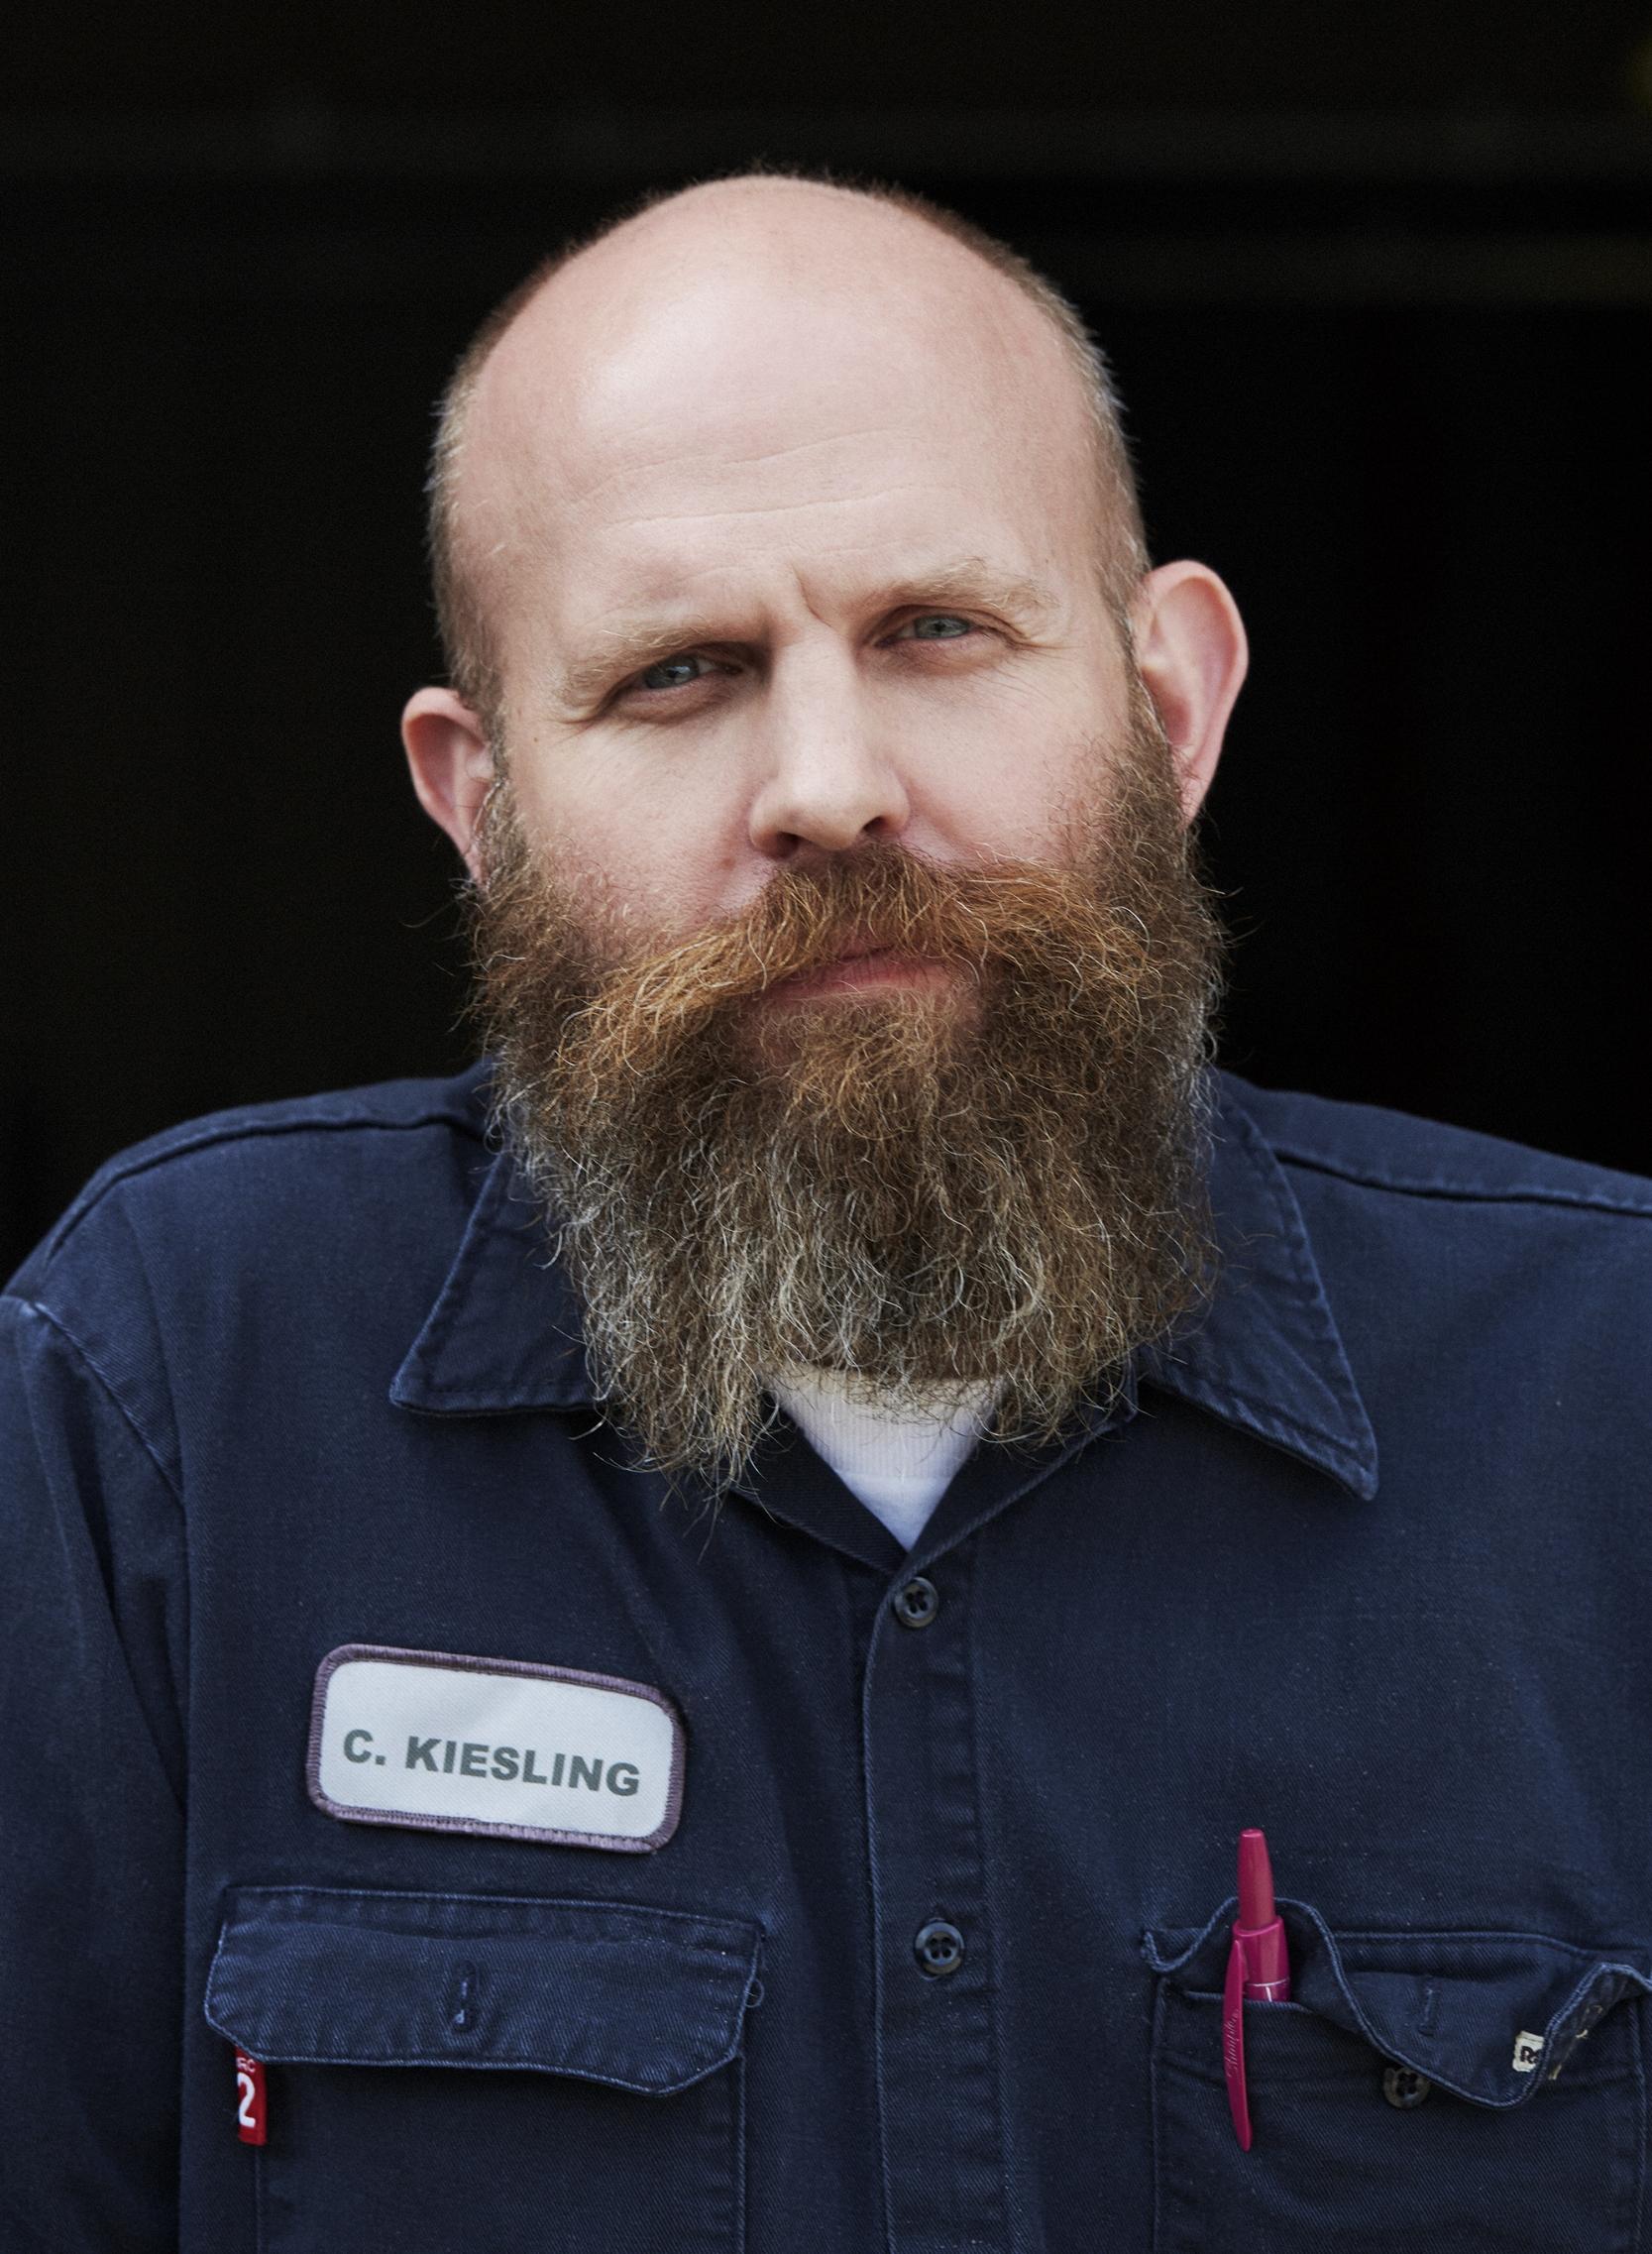 Chris Kiesling.